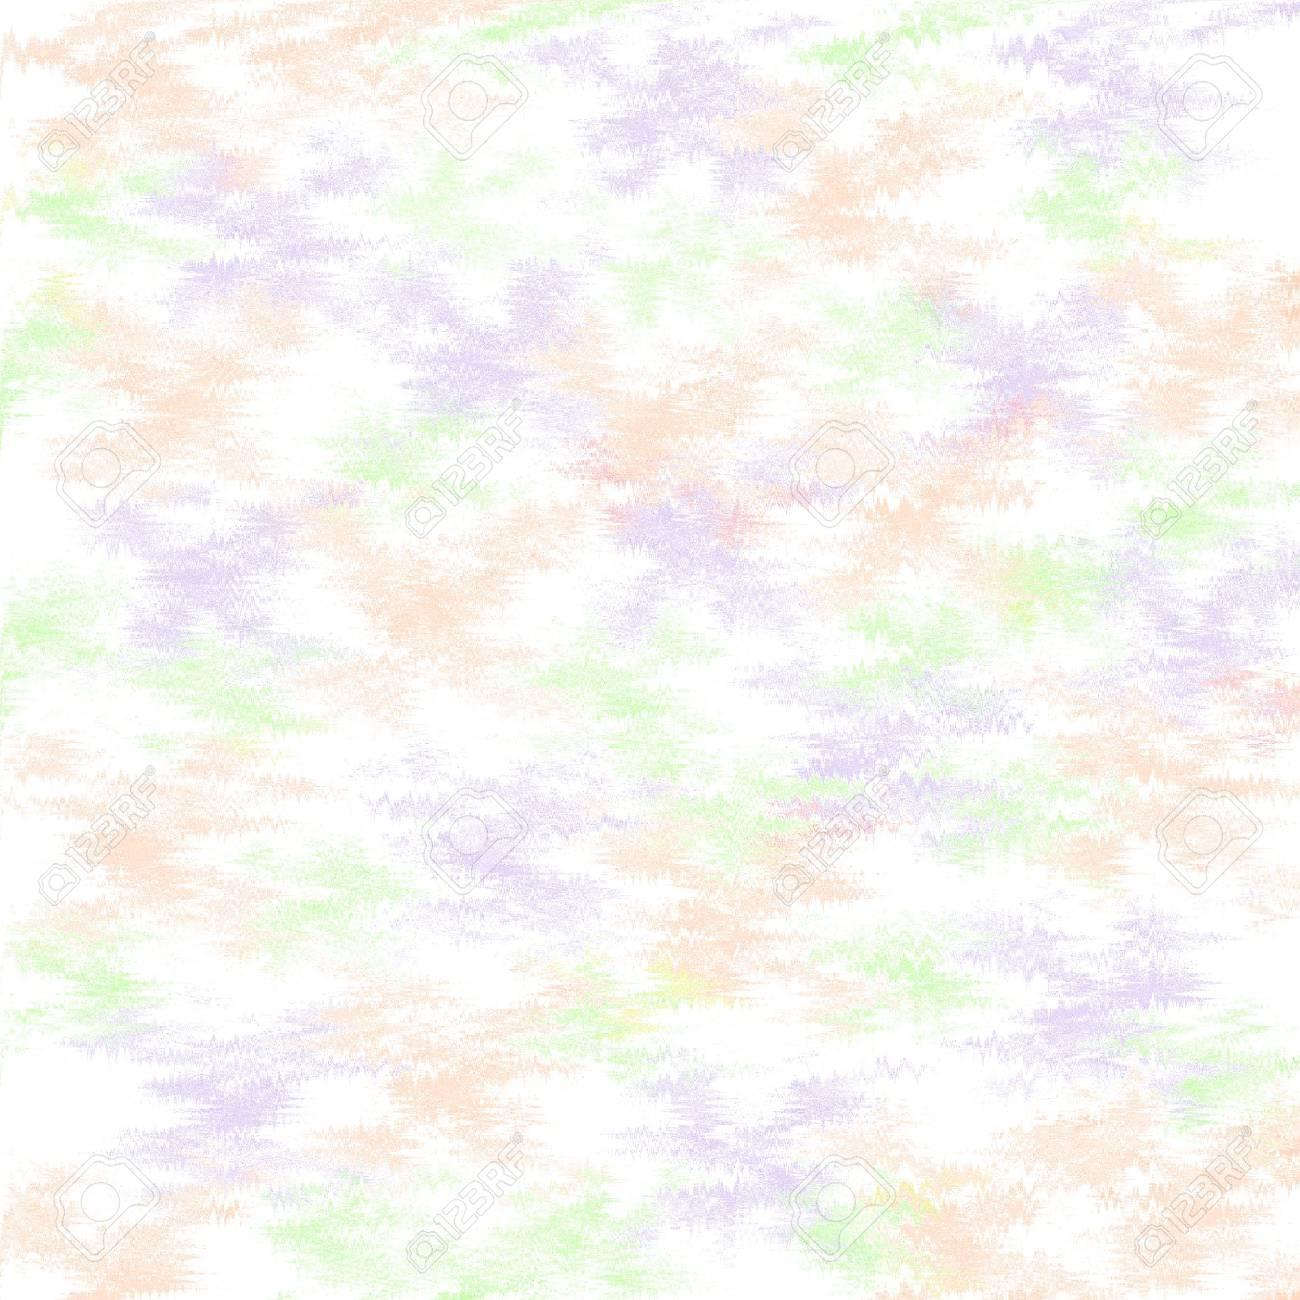 Immagini Stock Modello Di Carta Regalo Pastello Su Sfondo Bianco